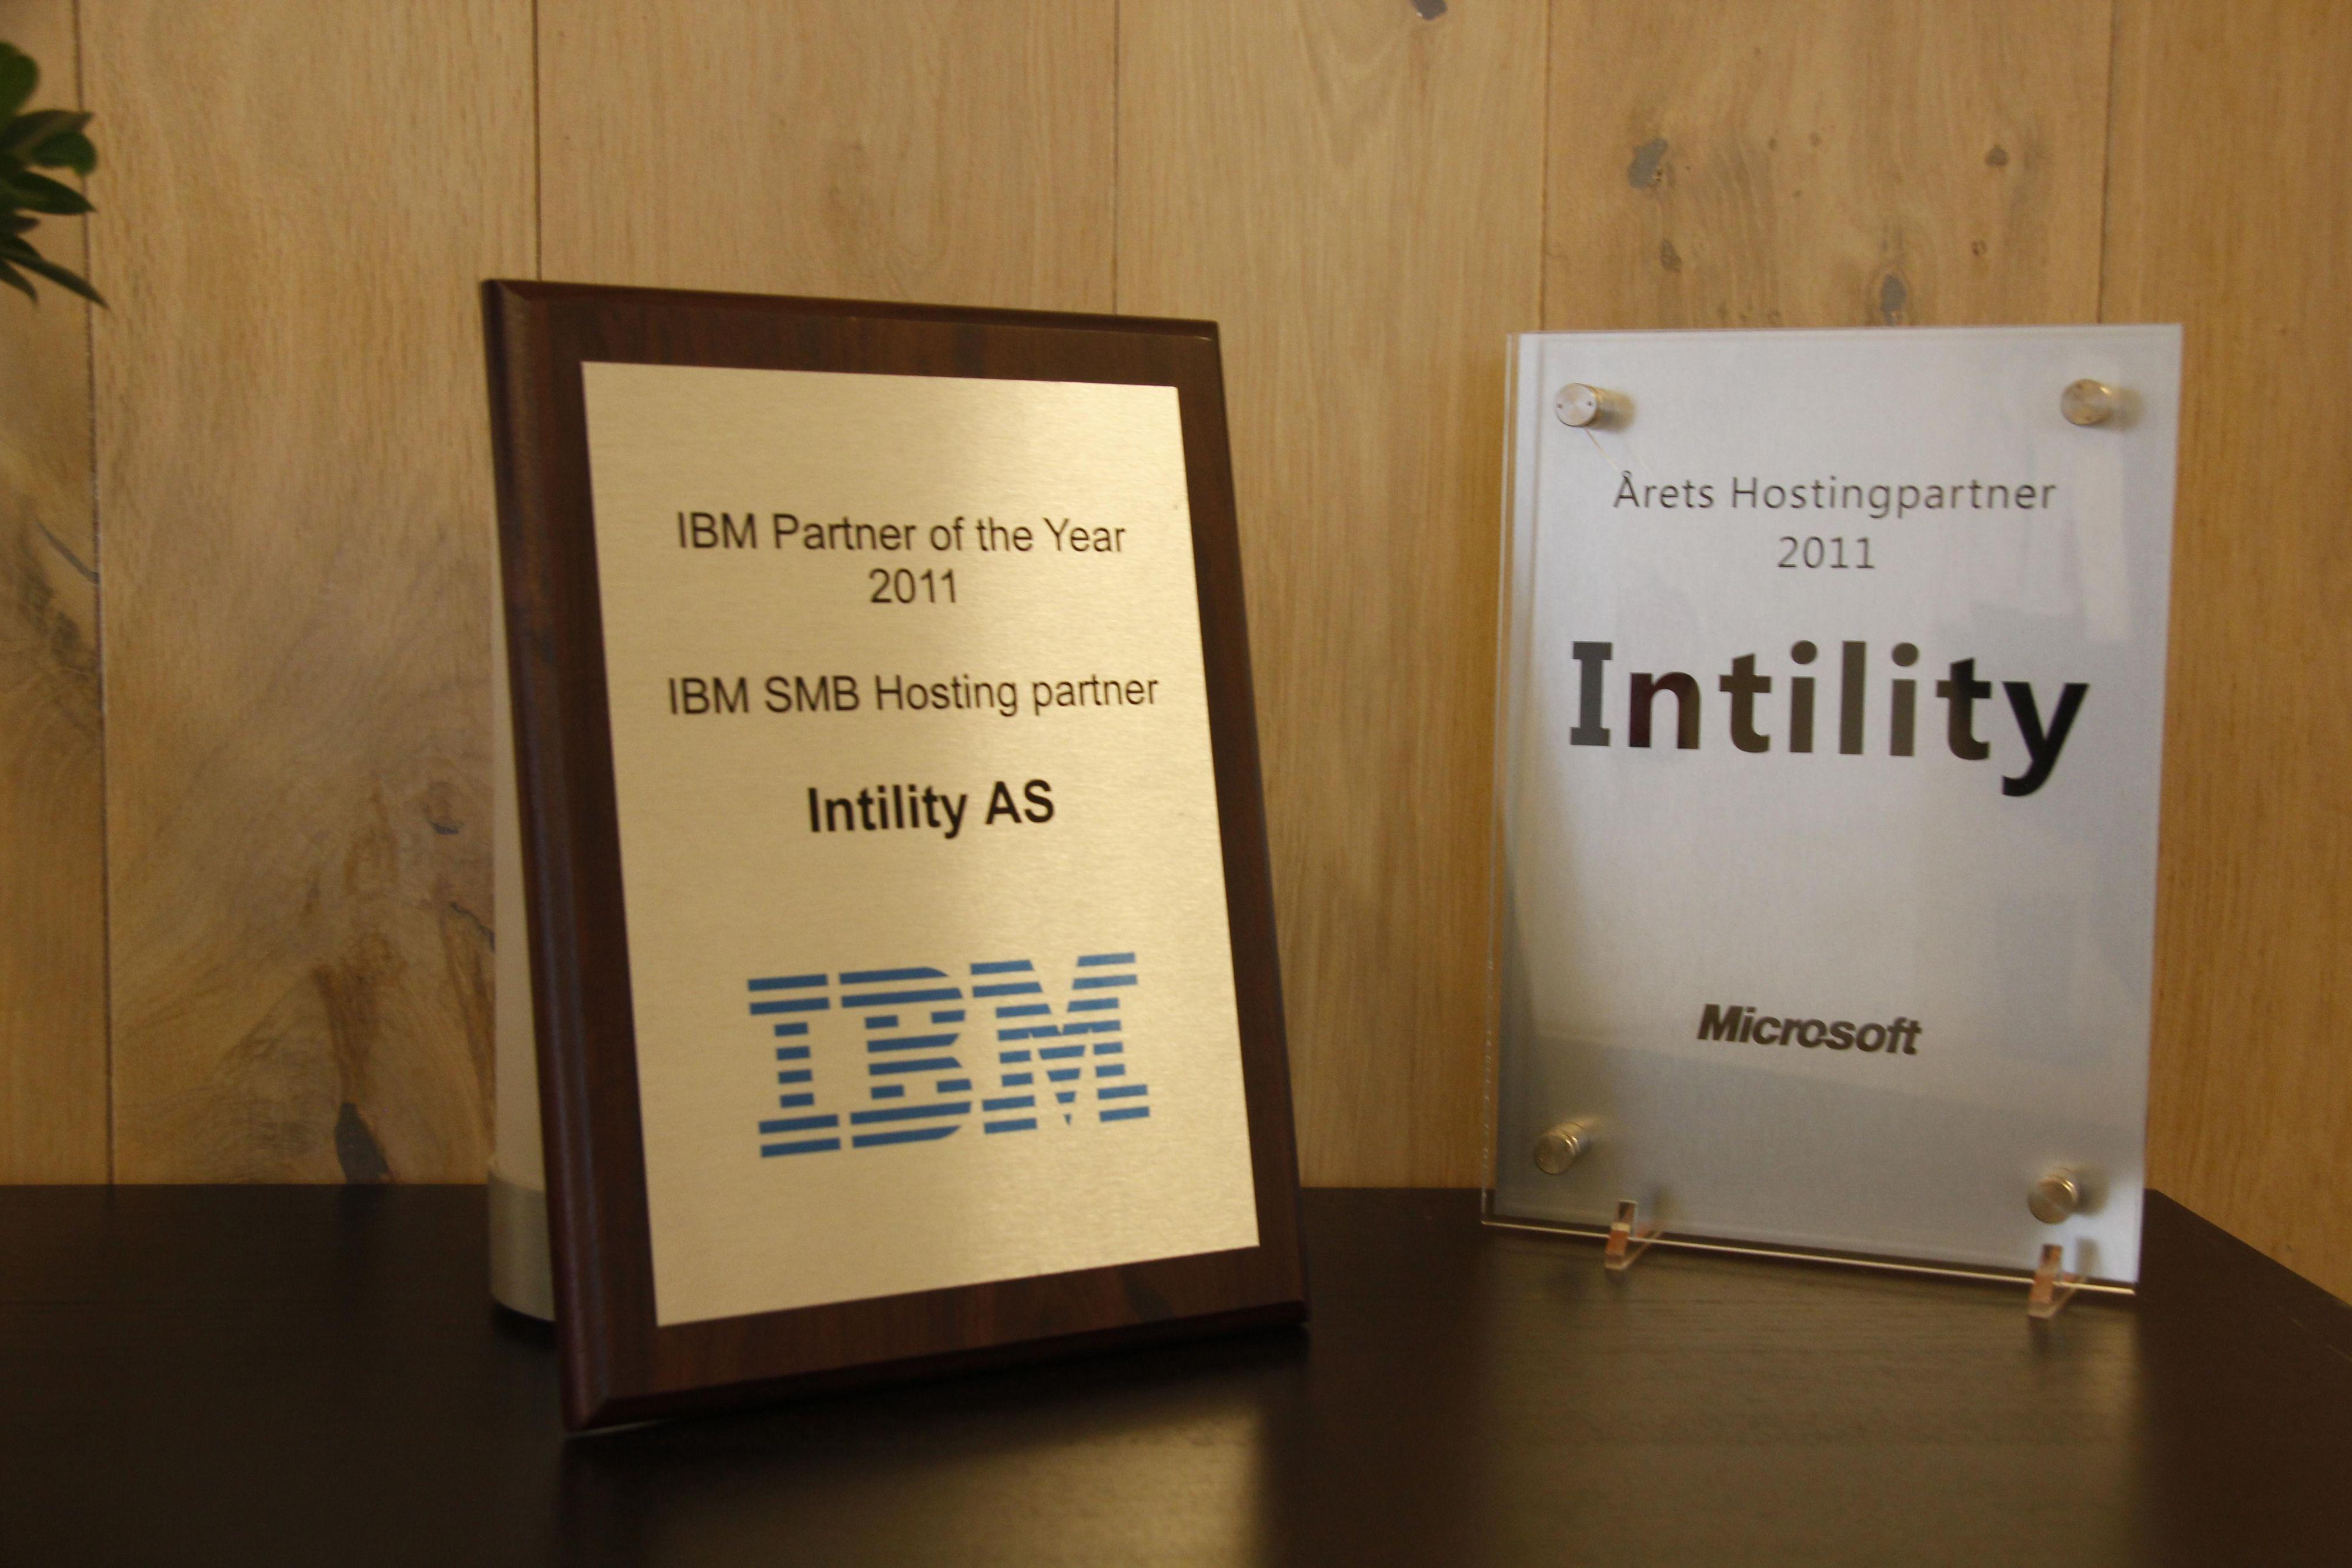 Intility ble kåret årets hostingpartner både hos IBM og Microsoft i 2011.Foto: Atle Skretting